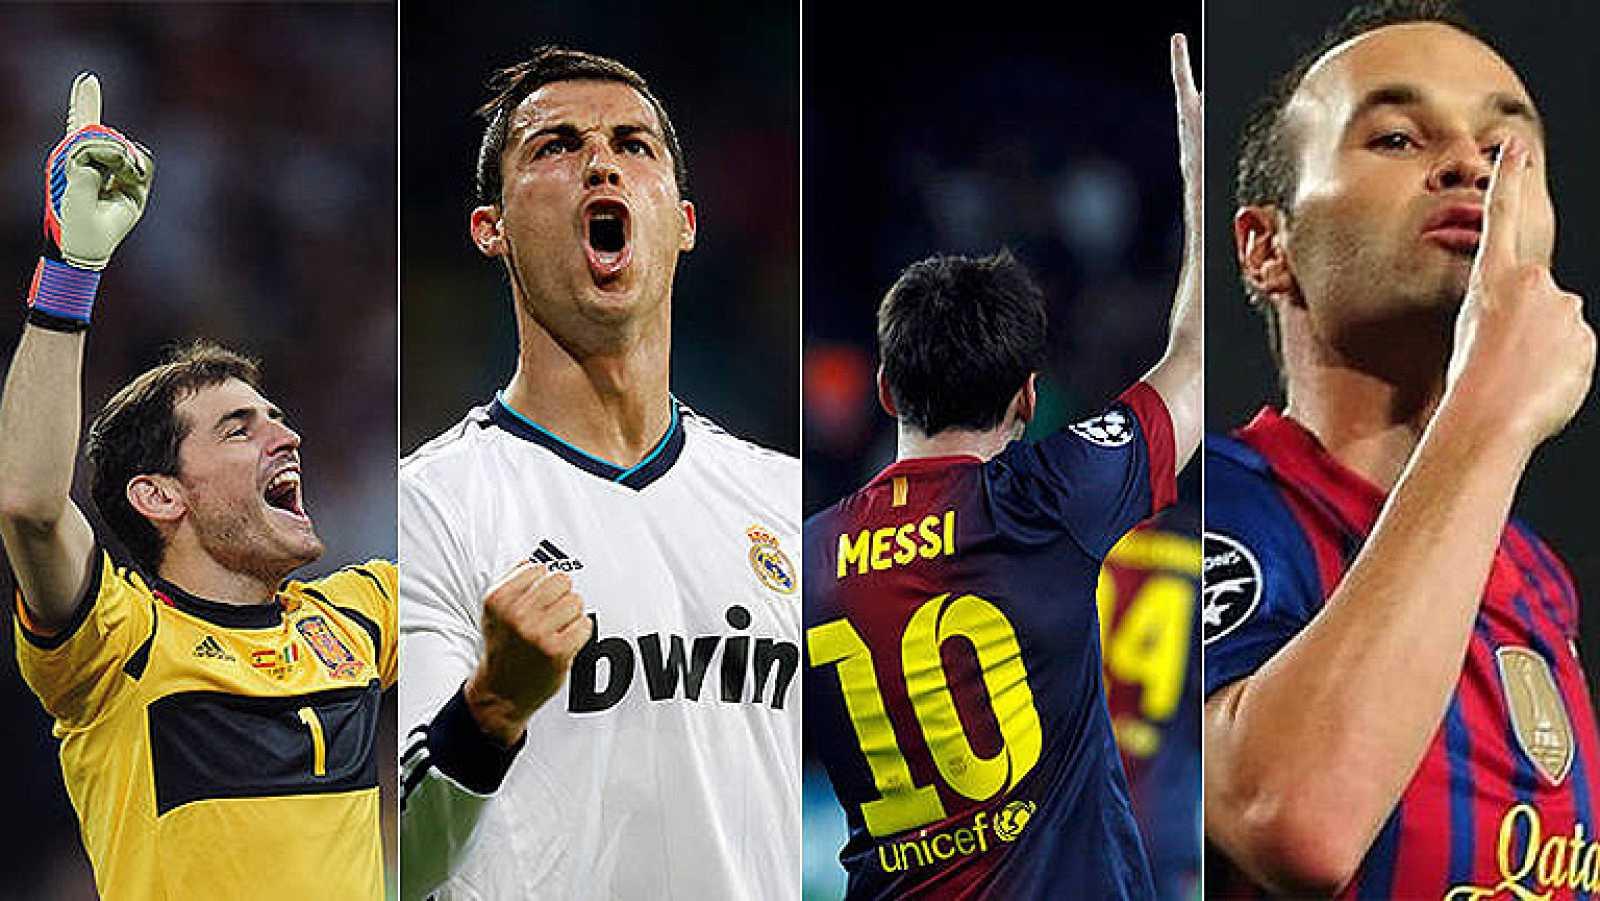 Para todos los públicos Los dos jugadores franquicia de madrid y Barça  llegan en racha al clásico del Camp Nou reproducir video bf6e7baa011